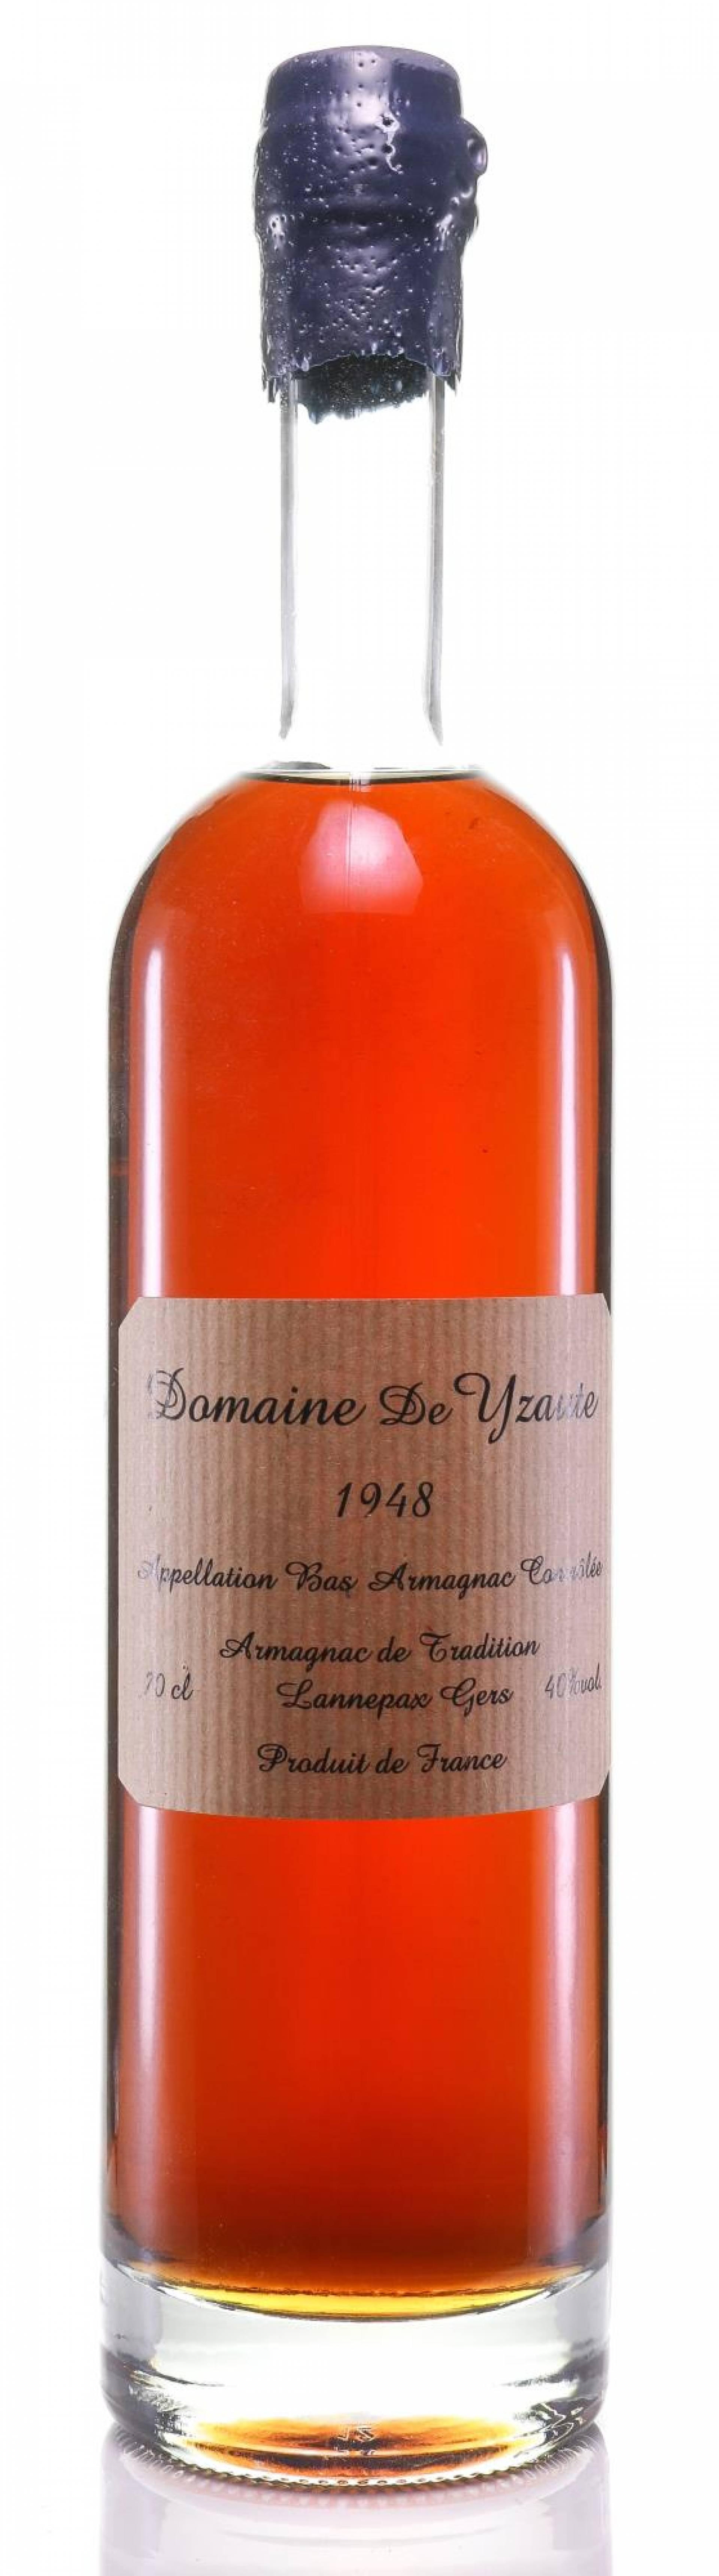 Armagnac 1948 Domaine de Yzaute